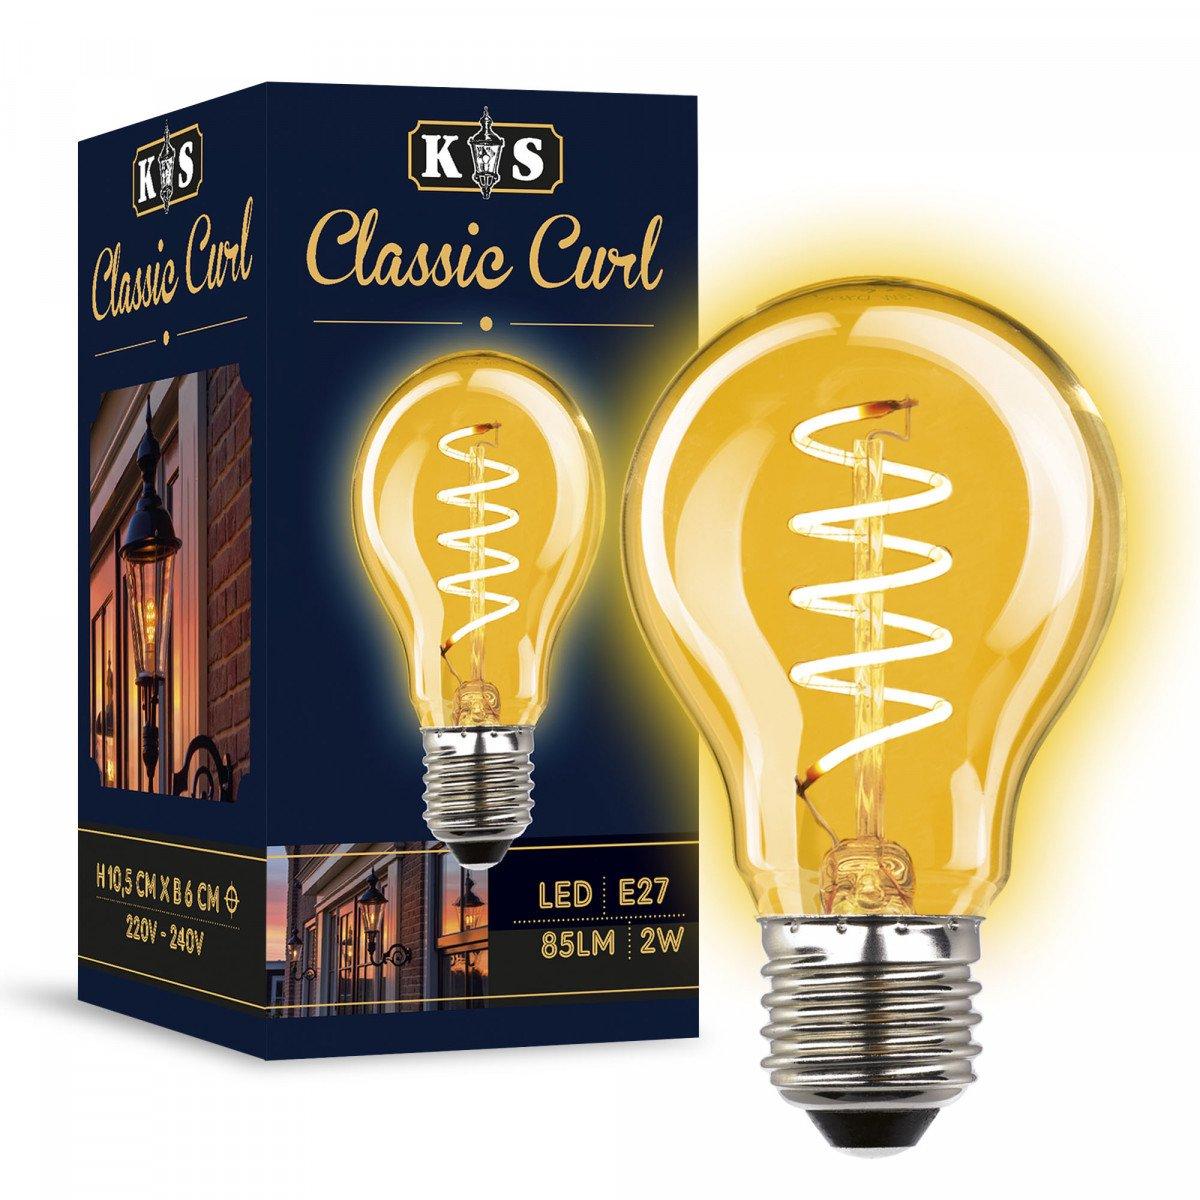 LED lamp Classic Curl 2W